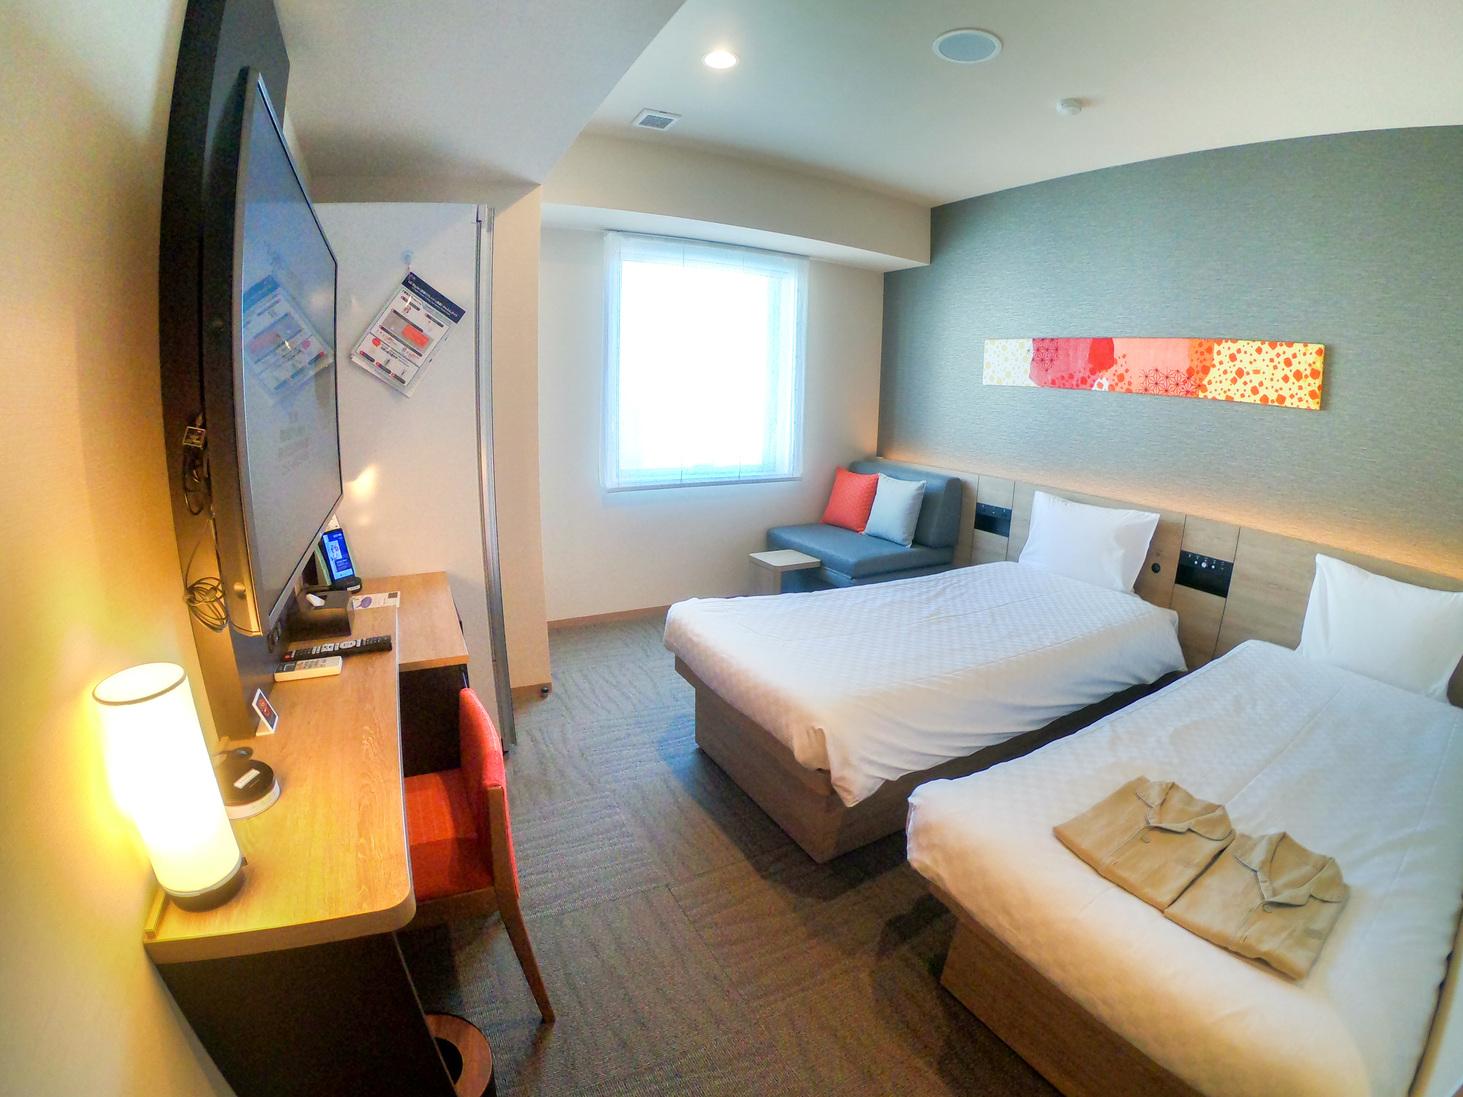 【デラックスツインルーム】大人3名様+添い寝1名様で宿泊可能 広々としたお部屋です♪